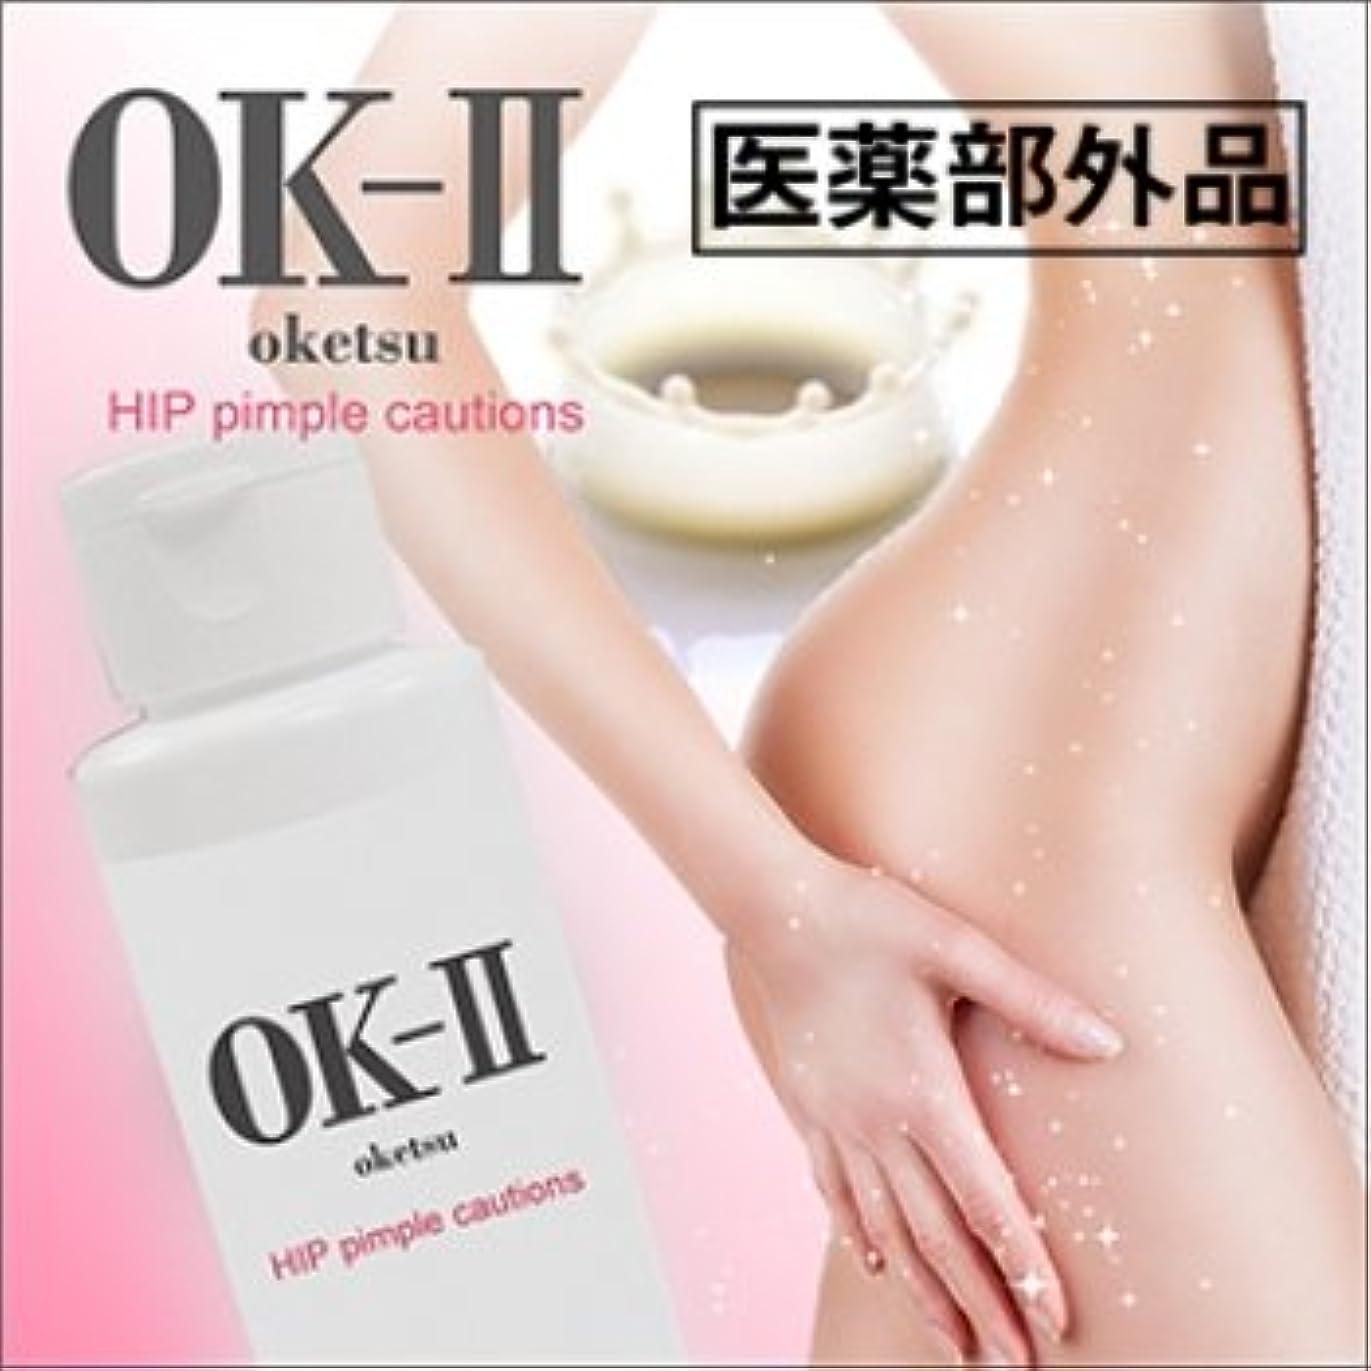 生き返らせるブラケットペインギリックOK-IIオッケーツー(薬用お尻ニキビケアボディ乳液)医薬部外品